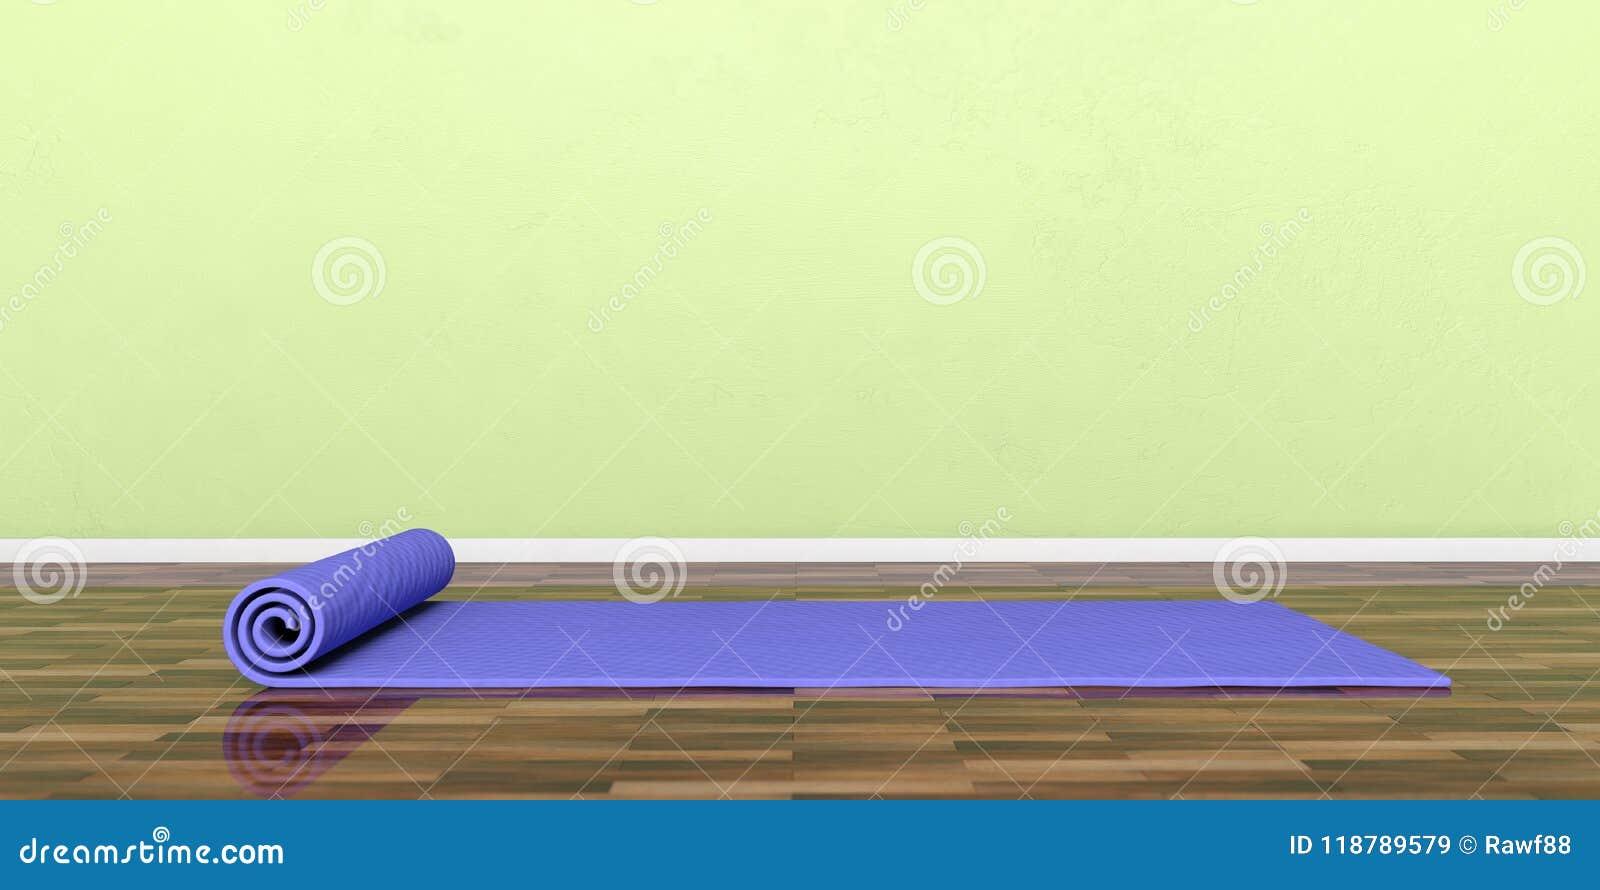 Εξοπλισμός κατηγορίας γιόγκας Χαλί άσκησης στο ξύλινο πάτωμα, έμβλημα, διάστημα αντιγράφων τρισδιάστατη απεικόνιση